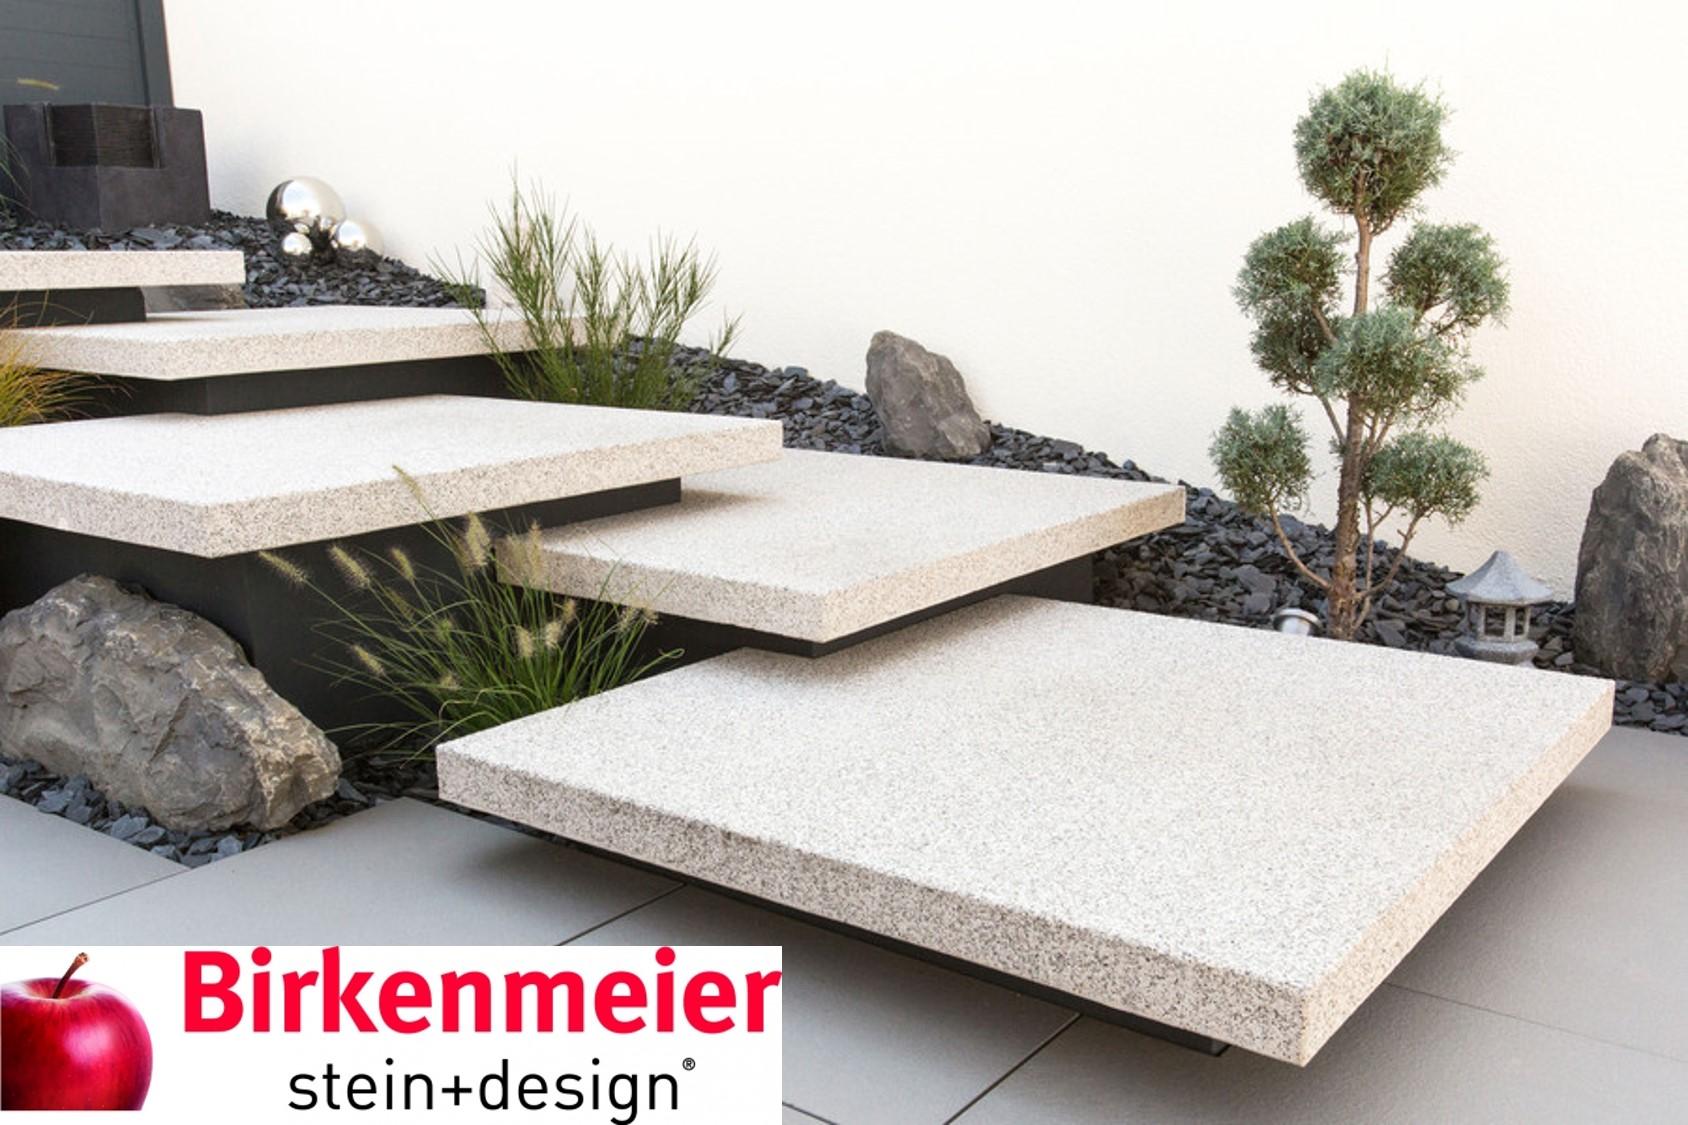 Nouveaux matériaux pour votre jardin !